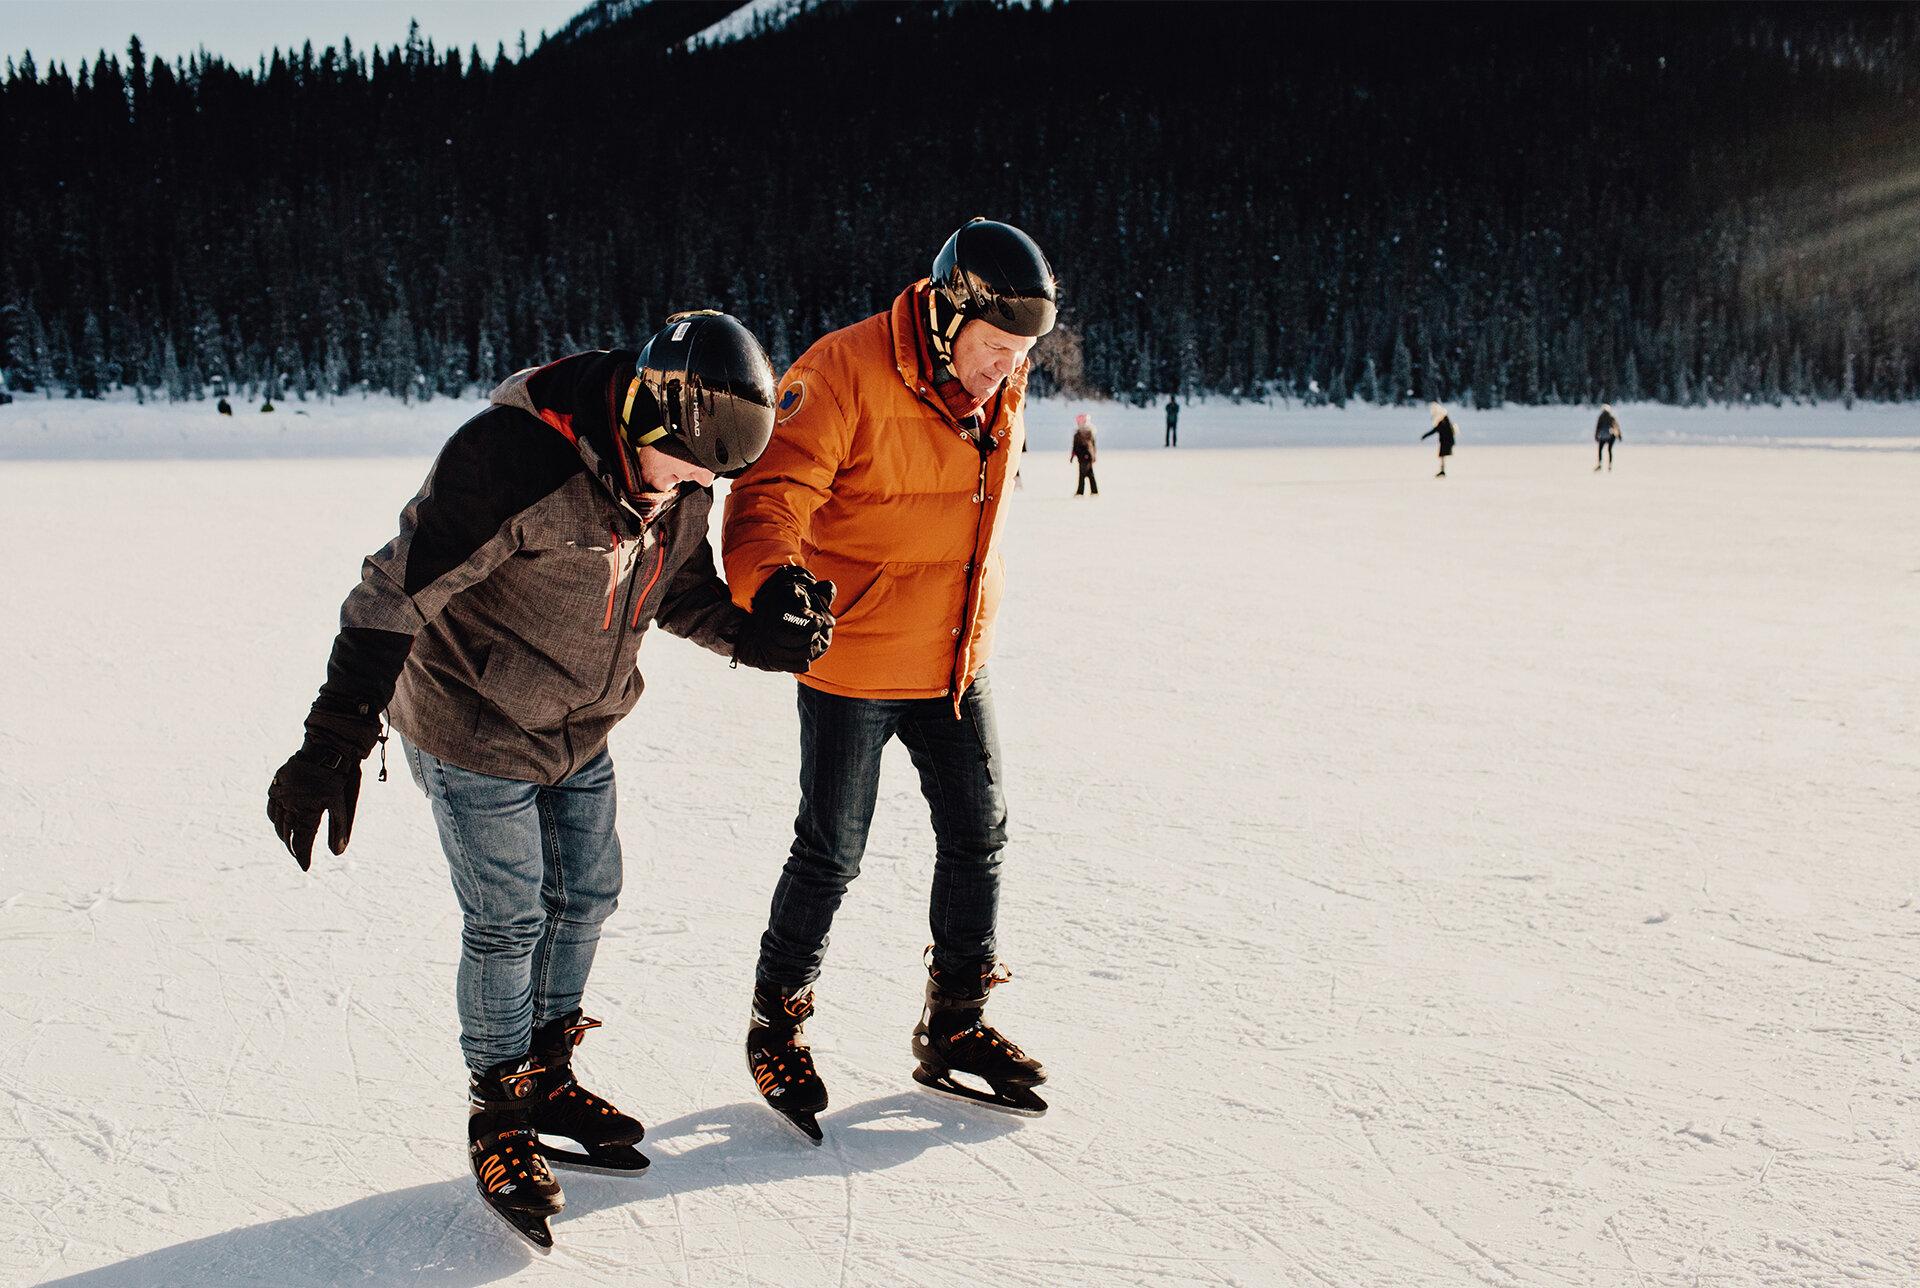 AB_Rob Scheer_Lake Louise Skating.jpg